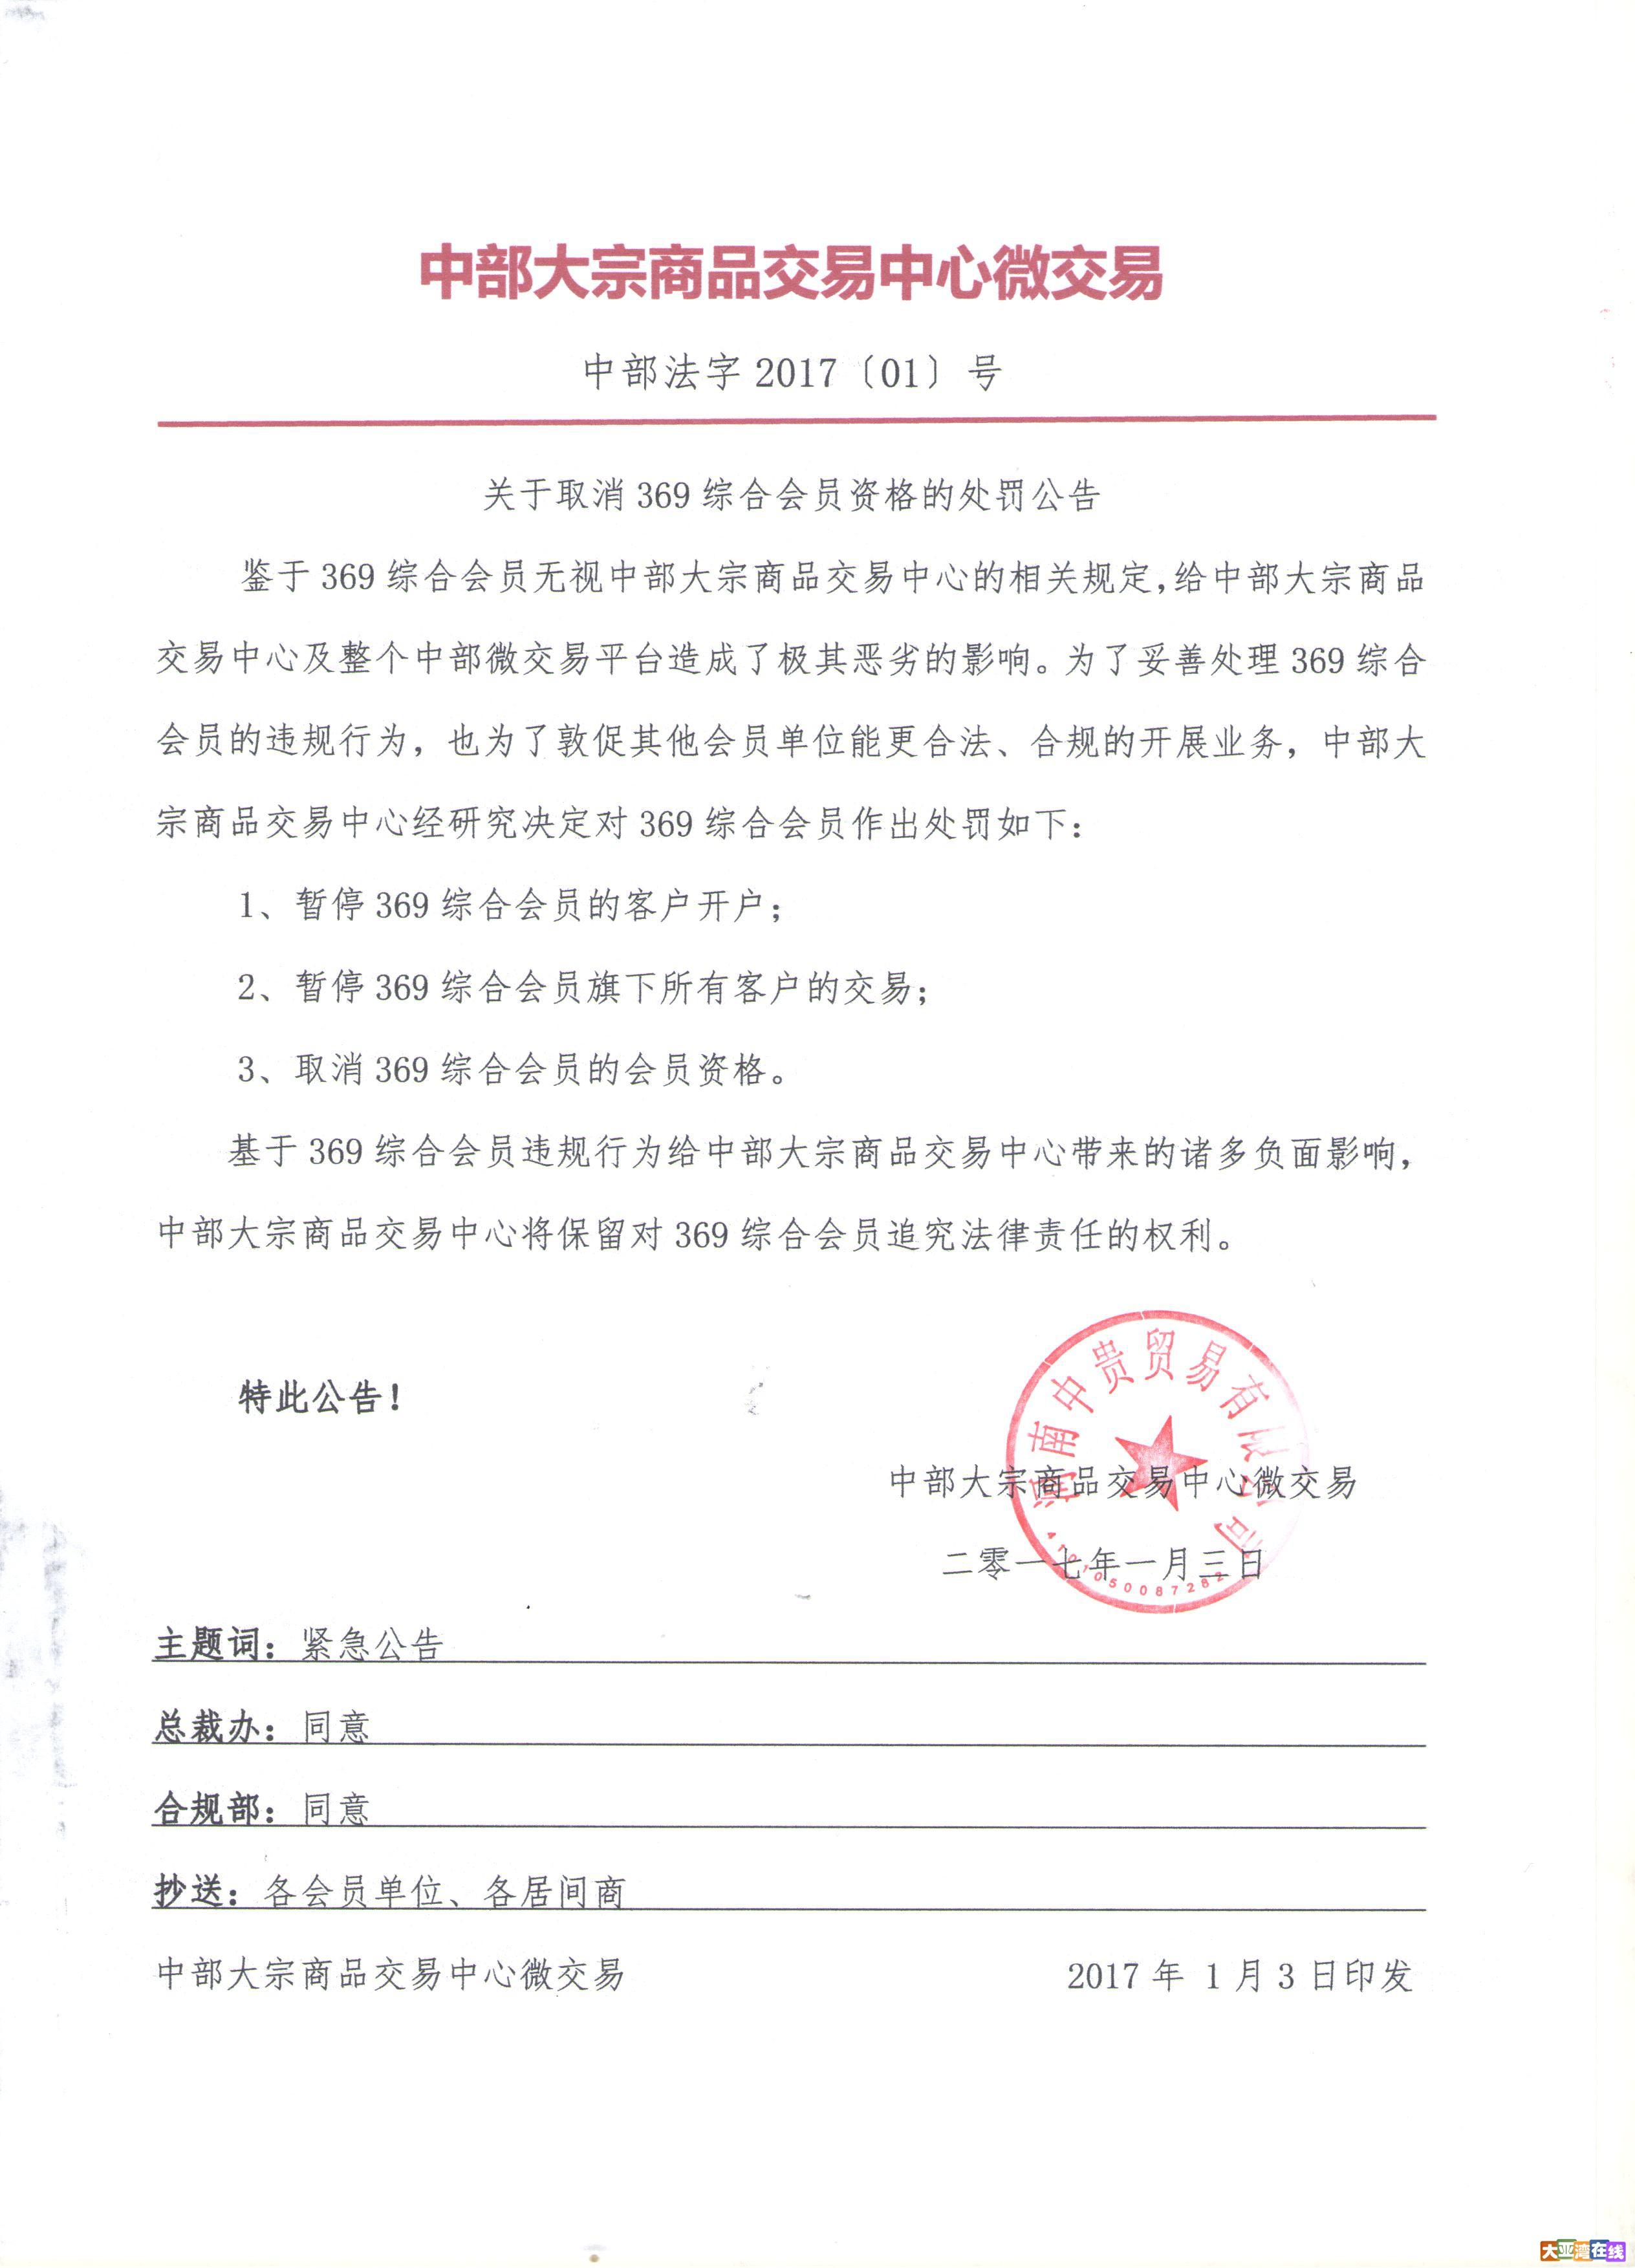 中部微交易:关于取消369综合会员资格的处罚公告.jpg